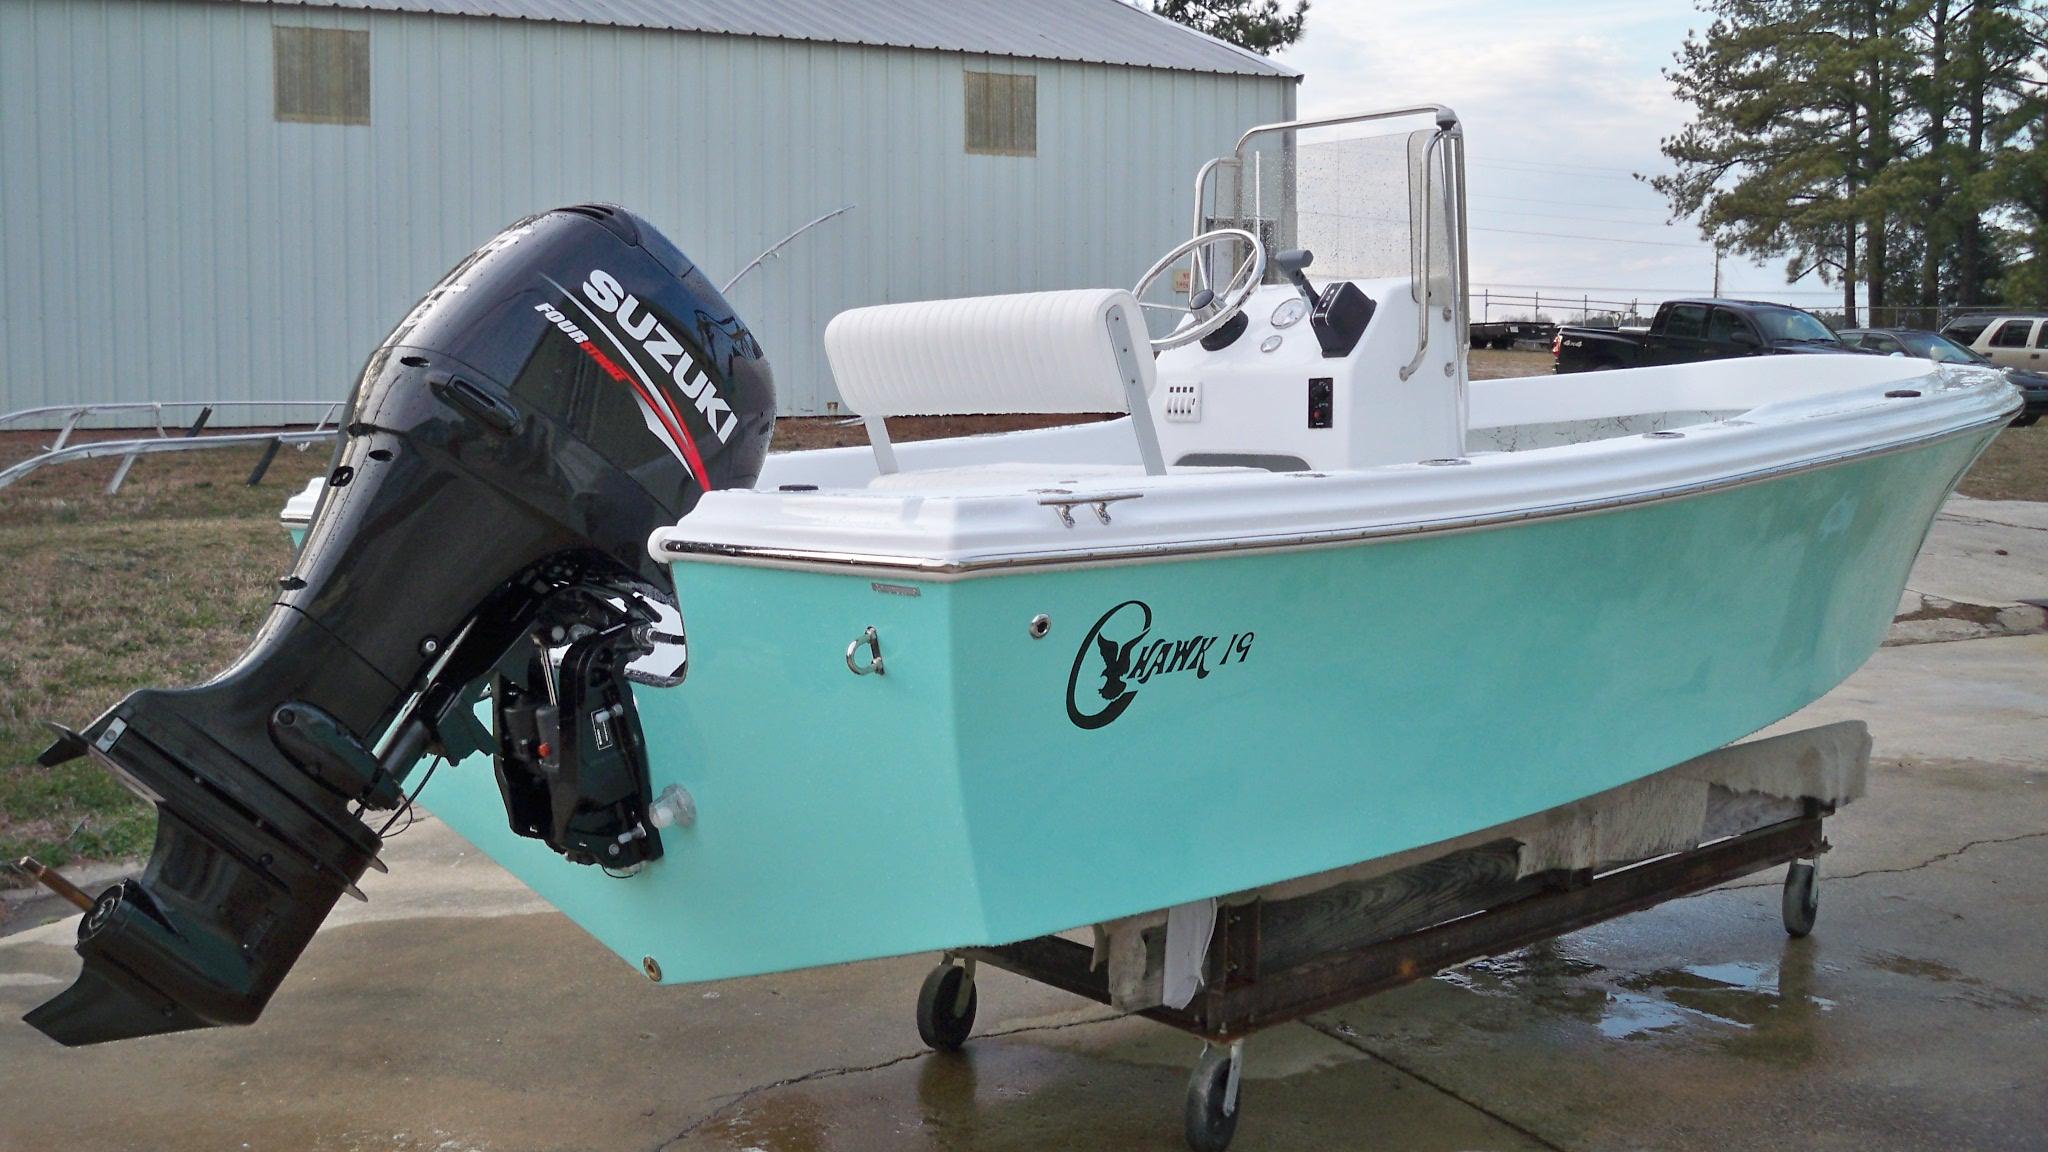 190 Center Console Spl Chawk Boats